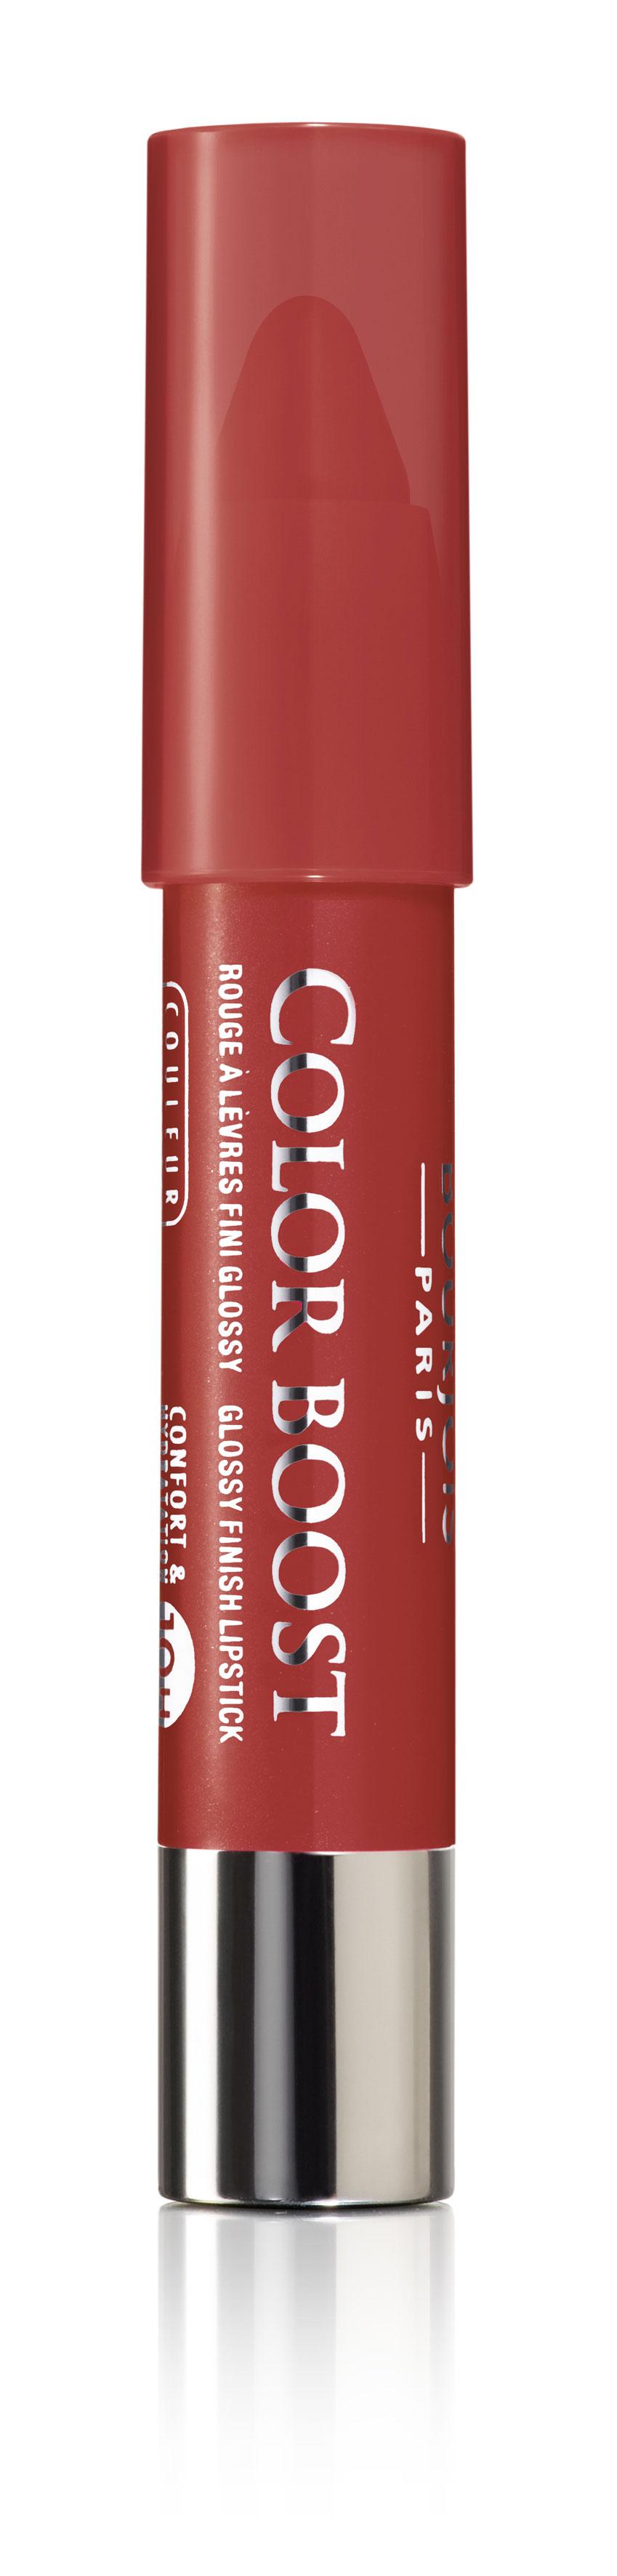 Color Boost, tono 08 Sweet Macchiato.